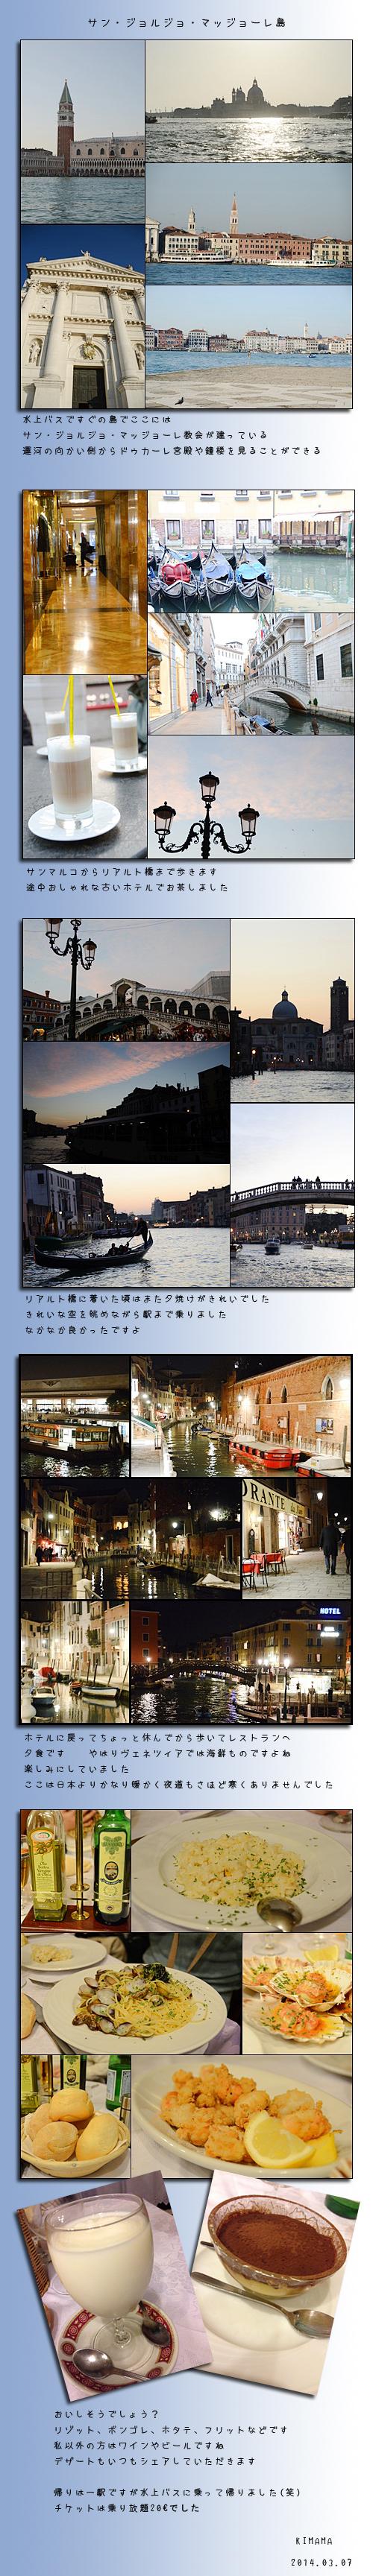 3月30日ヴェネツィア3